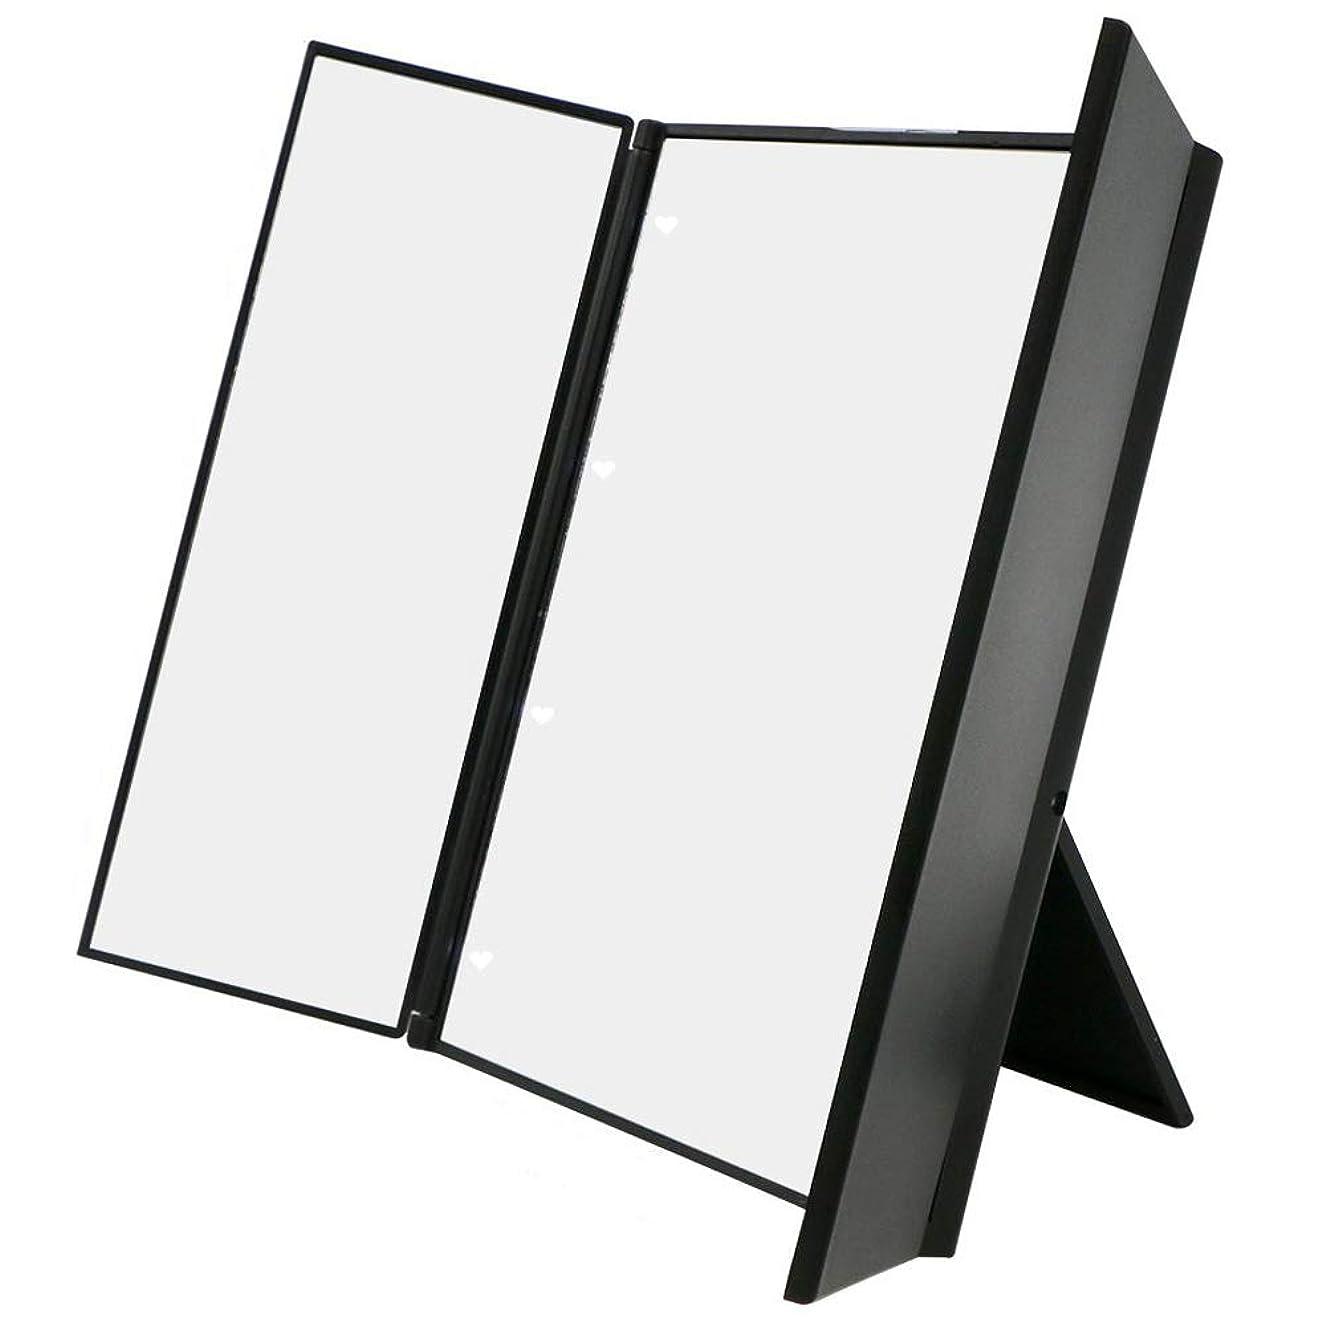 尽きる失業記念日化粧鏡 卓上ミラー三面鏡 スタンドミラー LED付き 折りたたみ式 角度調整可能